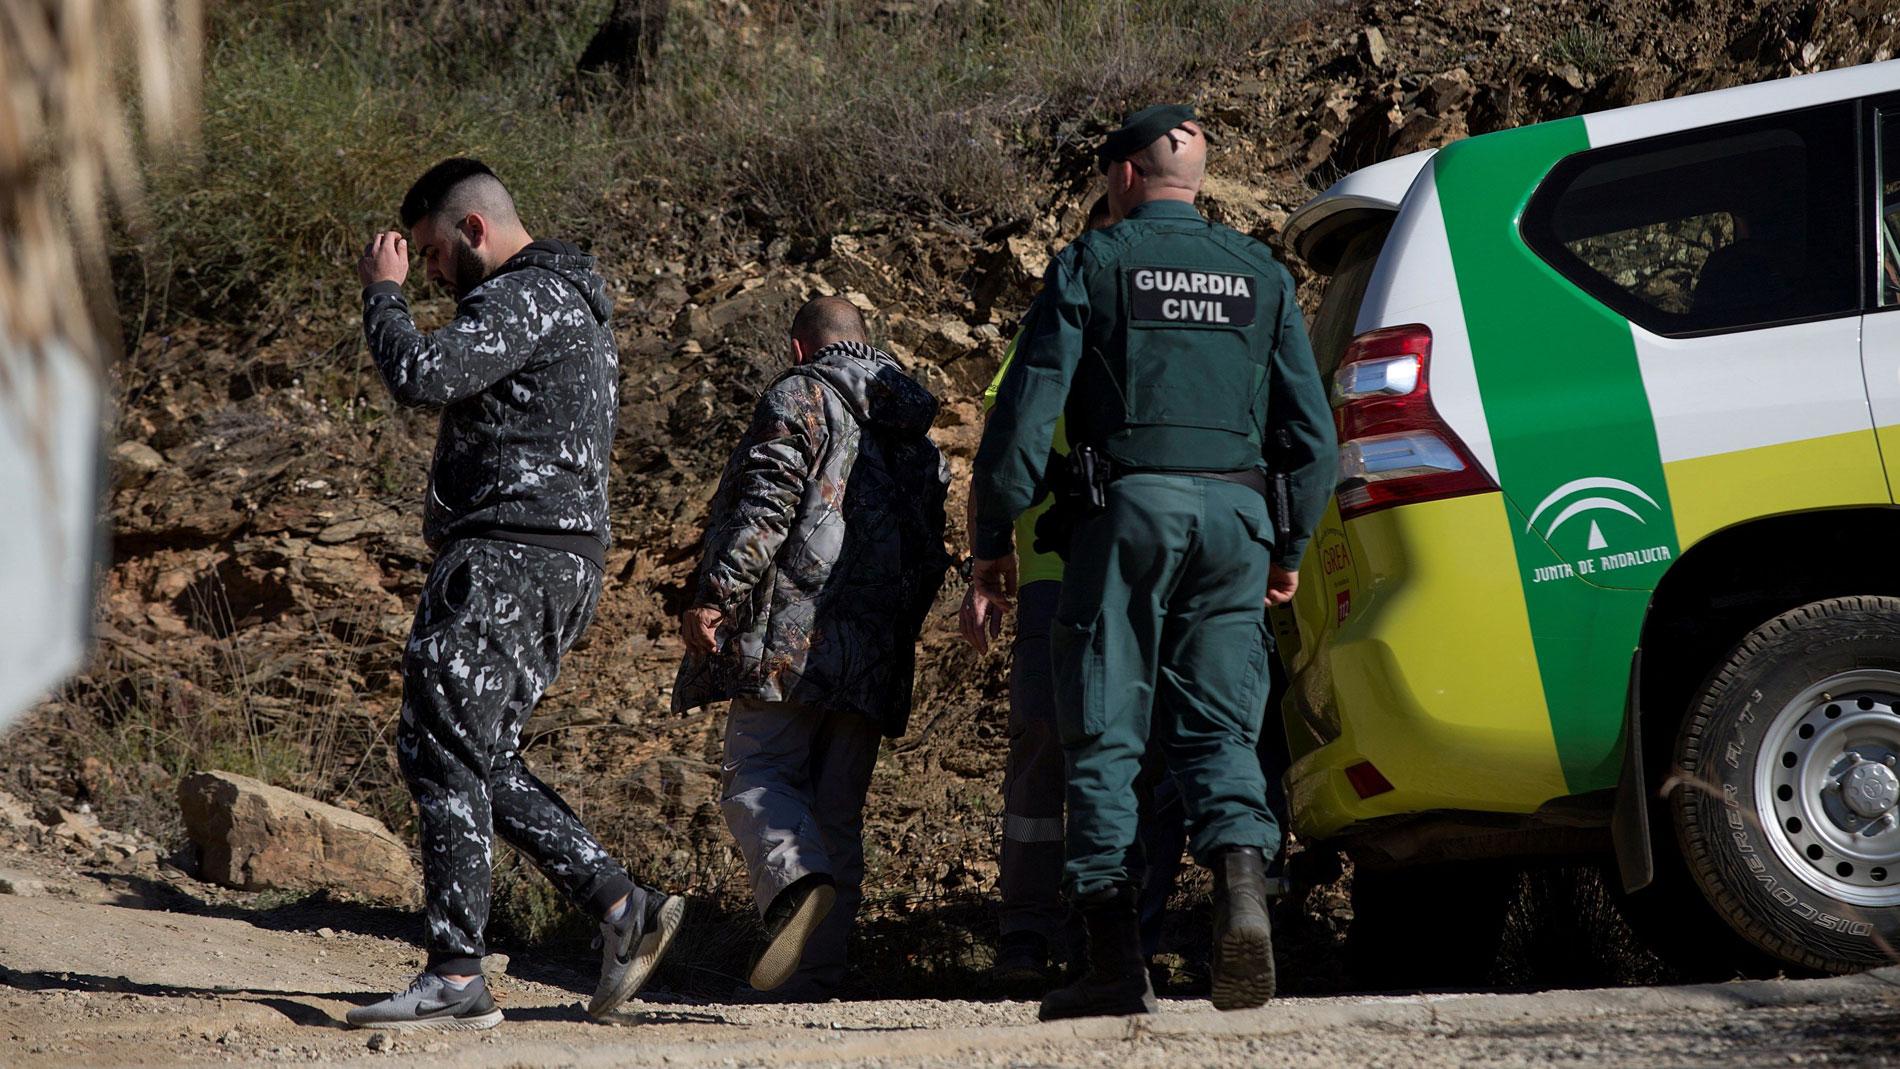 Los equipos de rescate excavarán un túnel horizontal en el lateral del cerro para intentar localizar a Julen